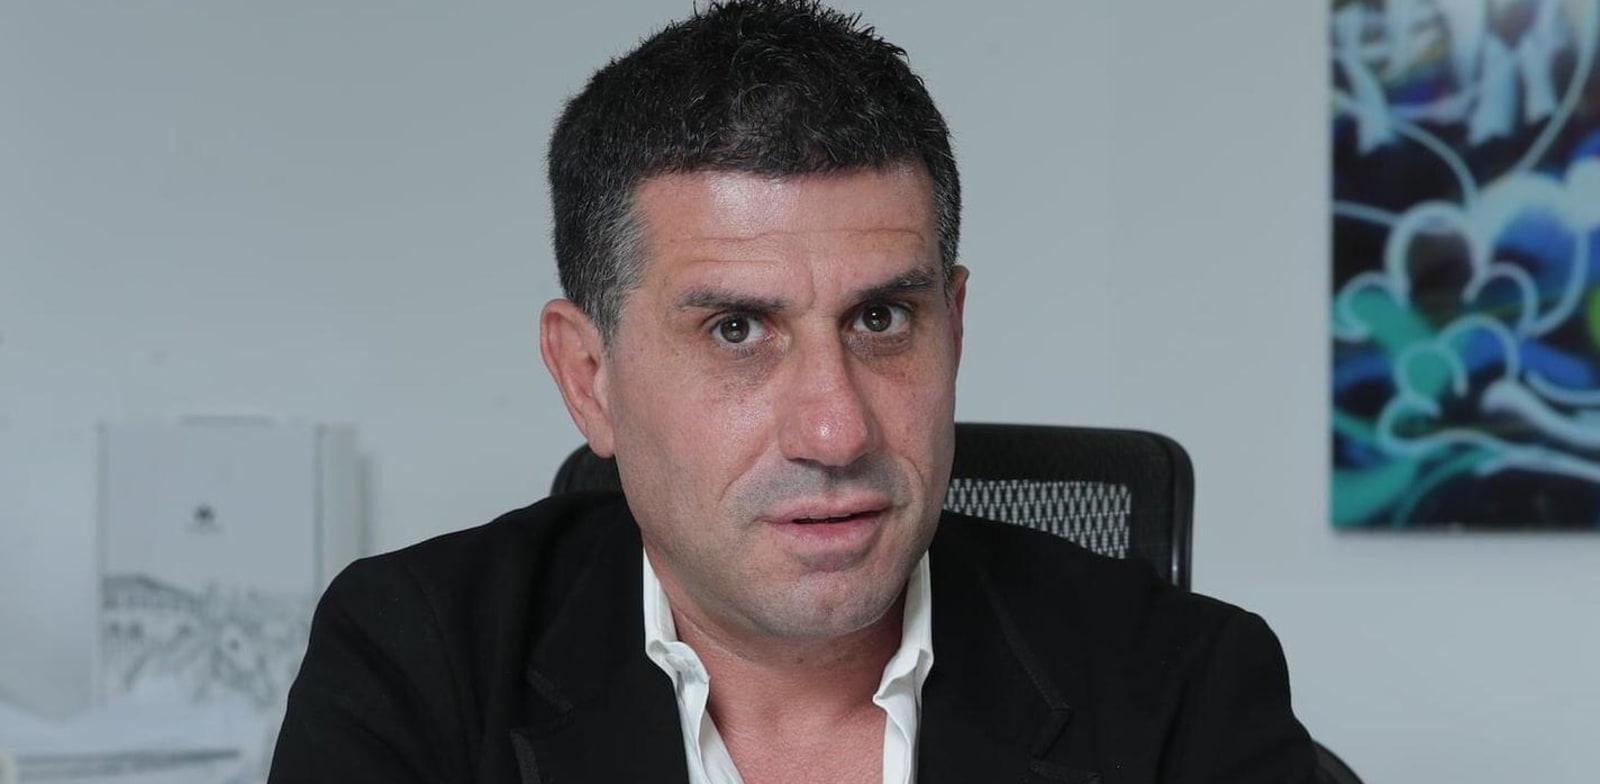 ניסים זוארץ, נשיא התאחדות תעשיית היהלומים / צילום: קמילייה